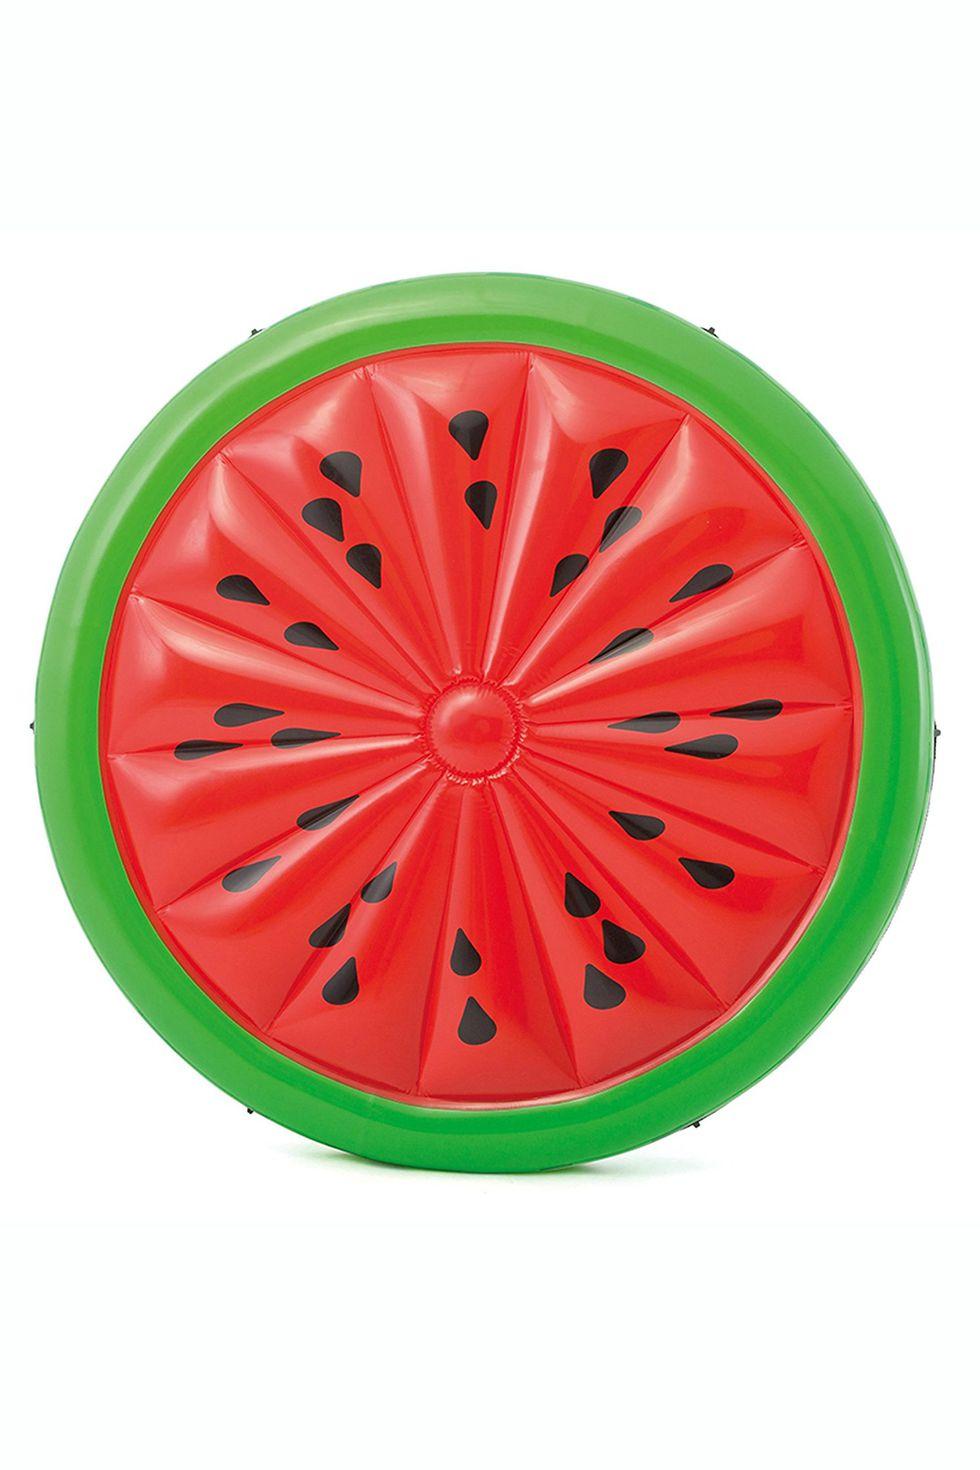 Wohnideen für den Garten: Wassermelonen-Accessoires für Schwimmbad-Bereich